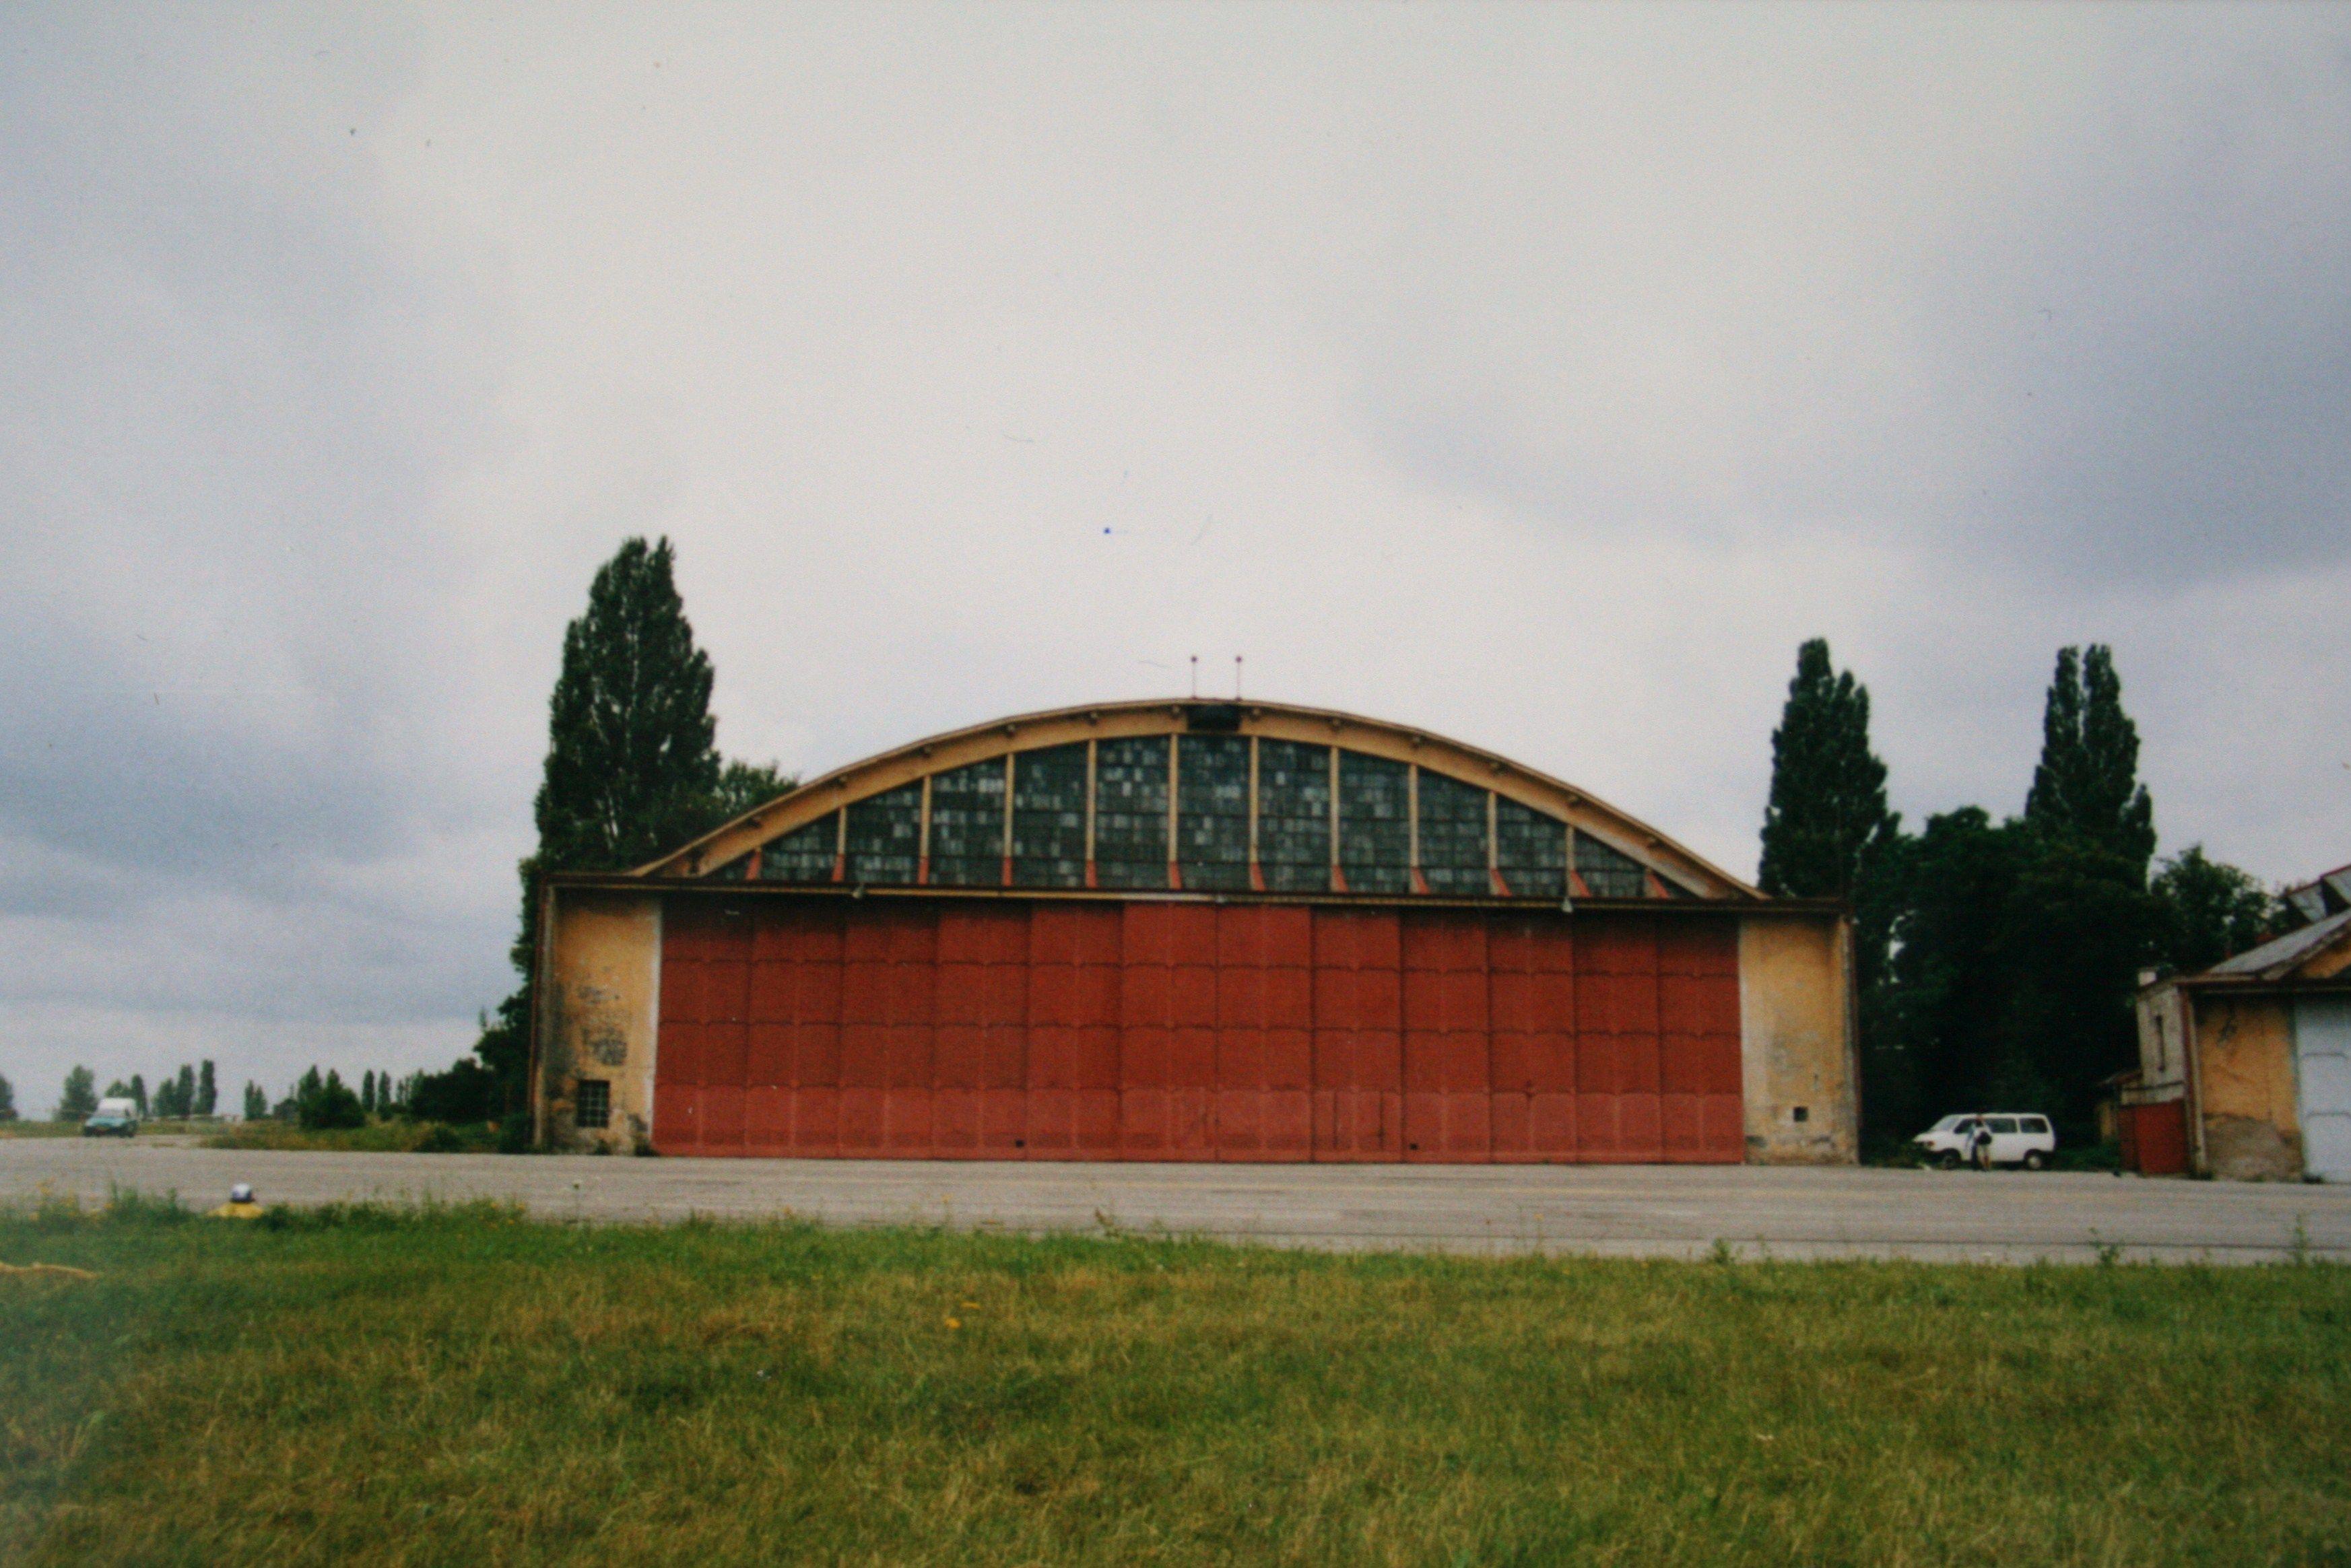 Hangár, ve kterém byl nacistický létající talíř zřejmě ukryt.